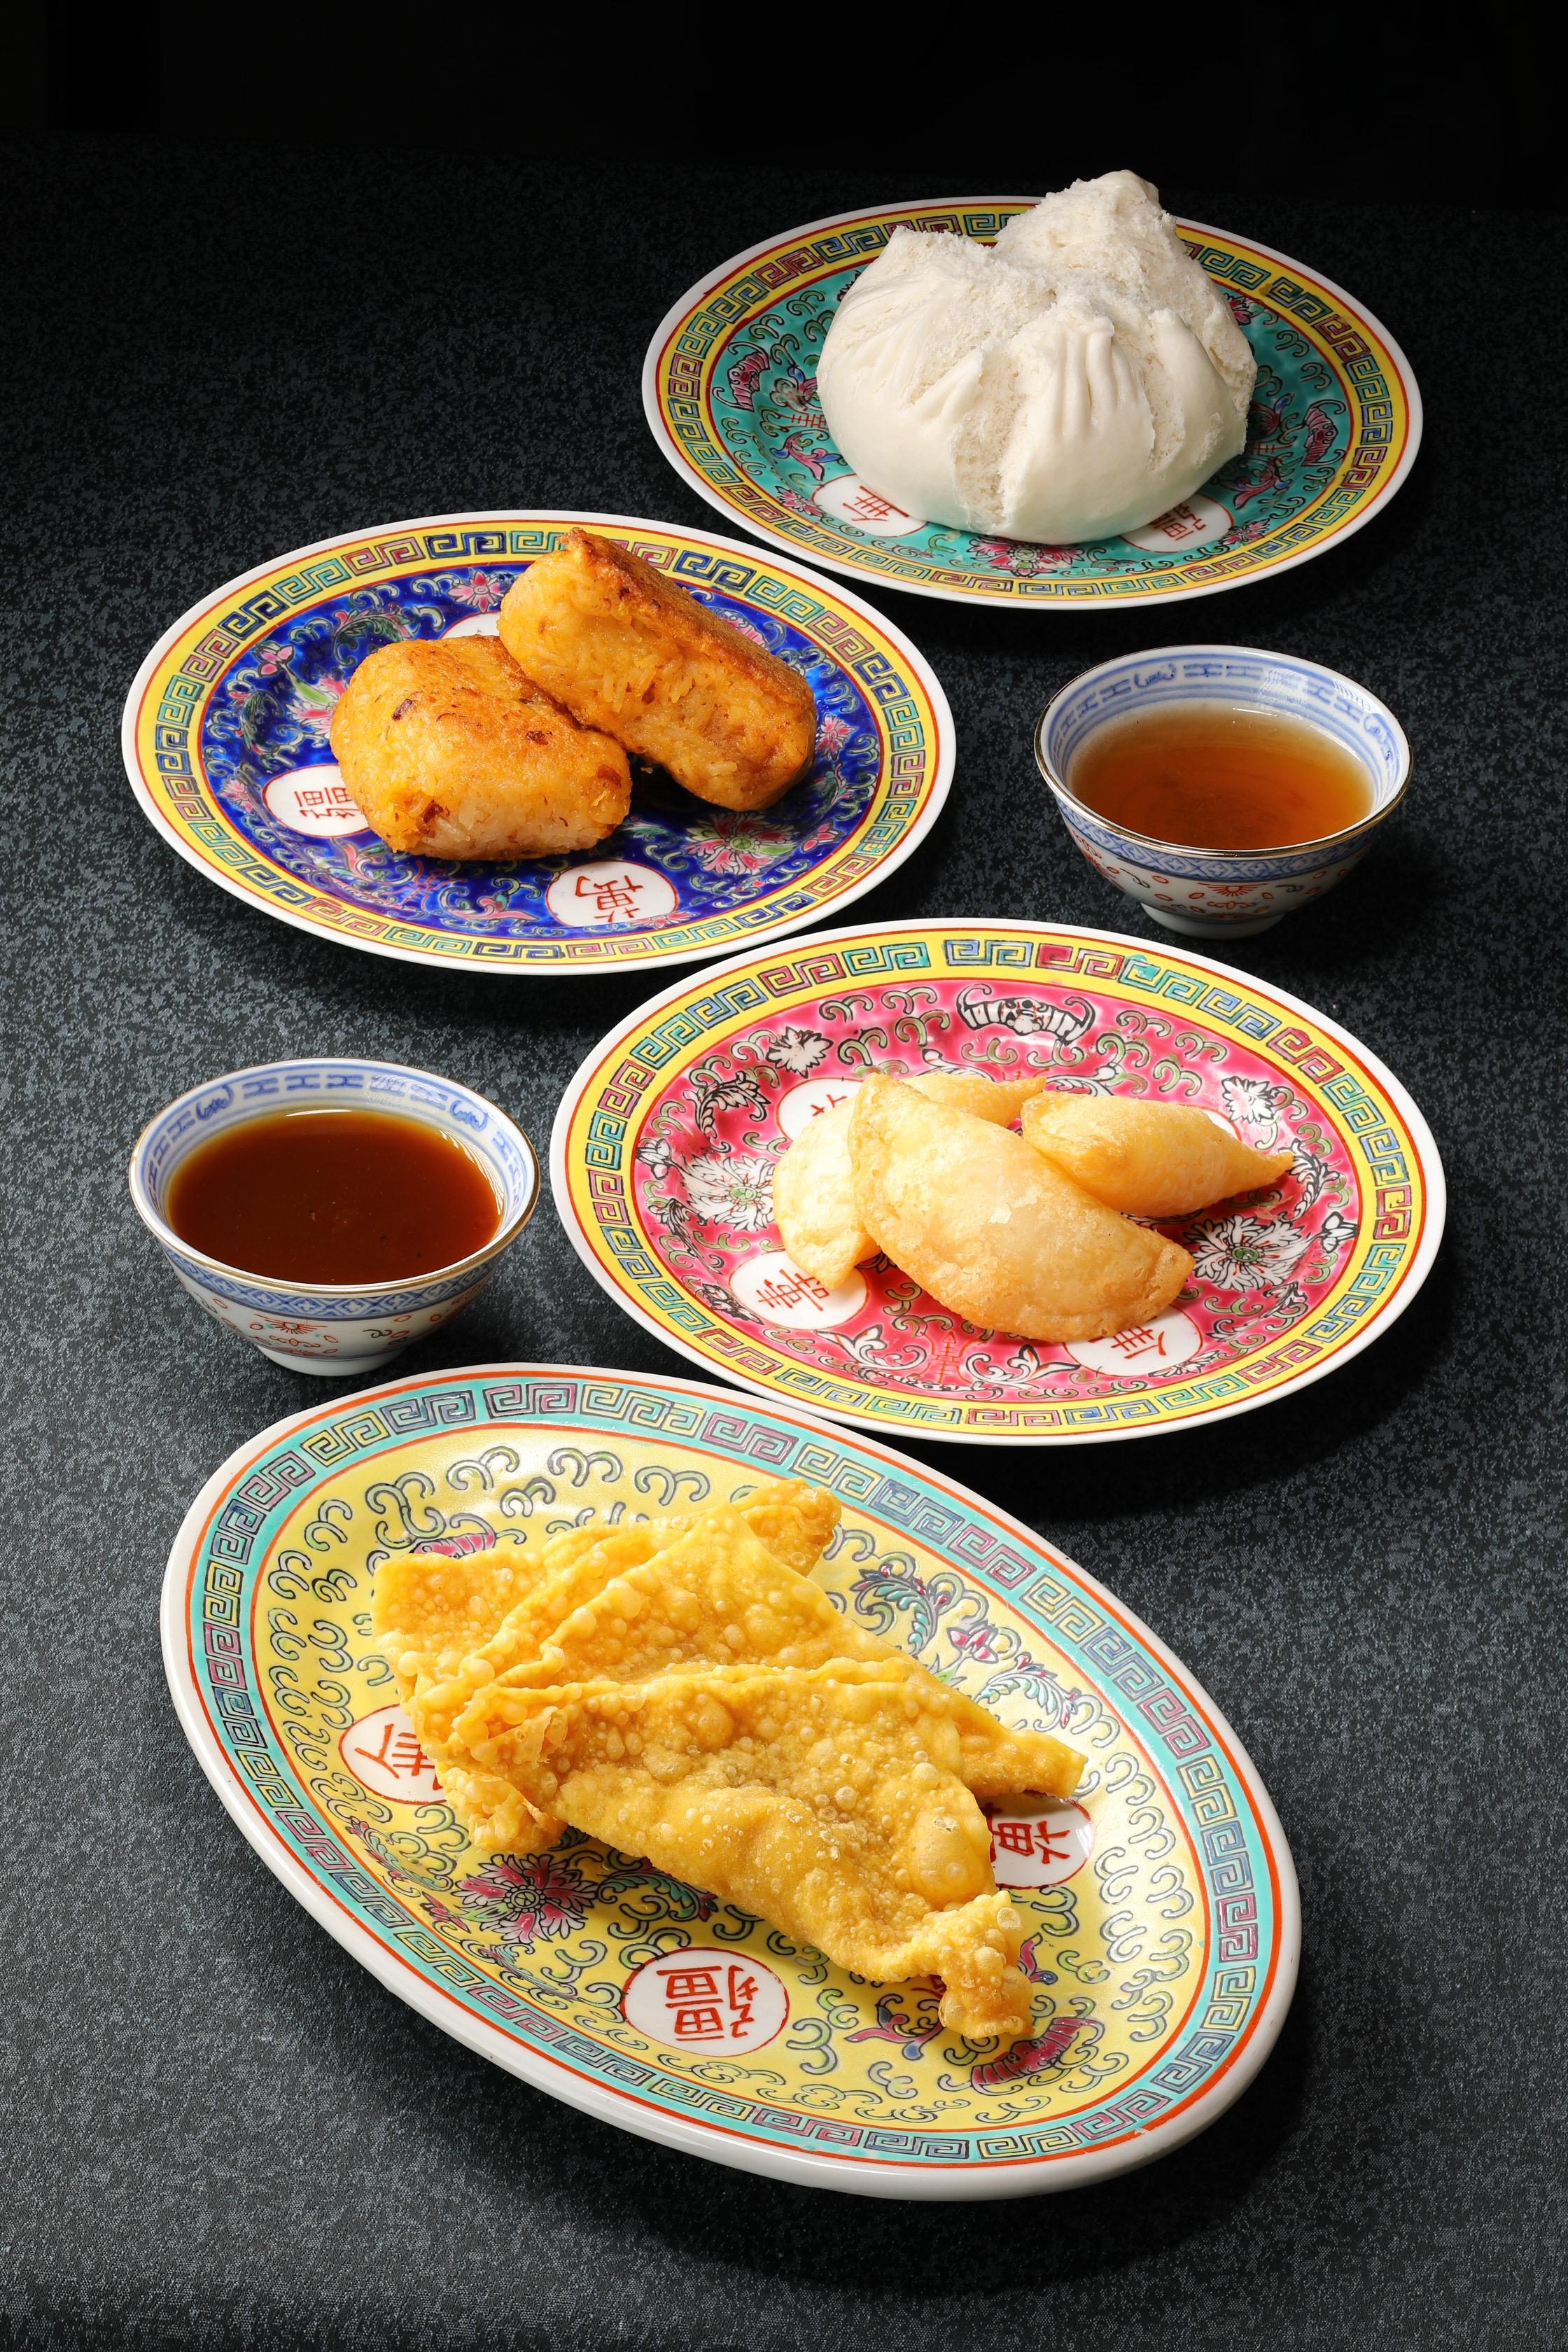 粤菜厅万庆轩 | Chinese Dining Room Man Hing